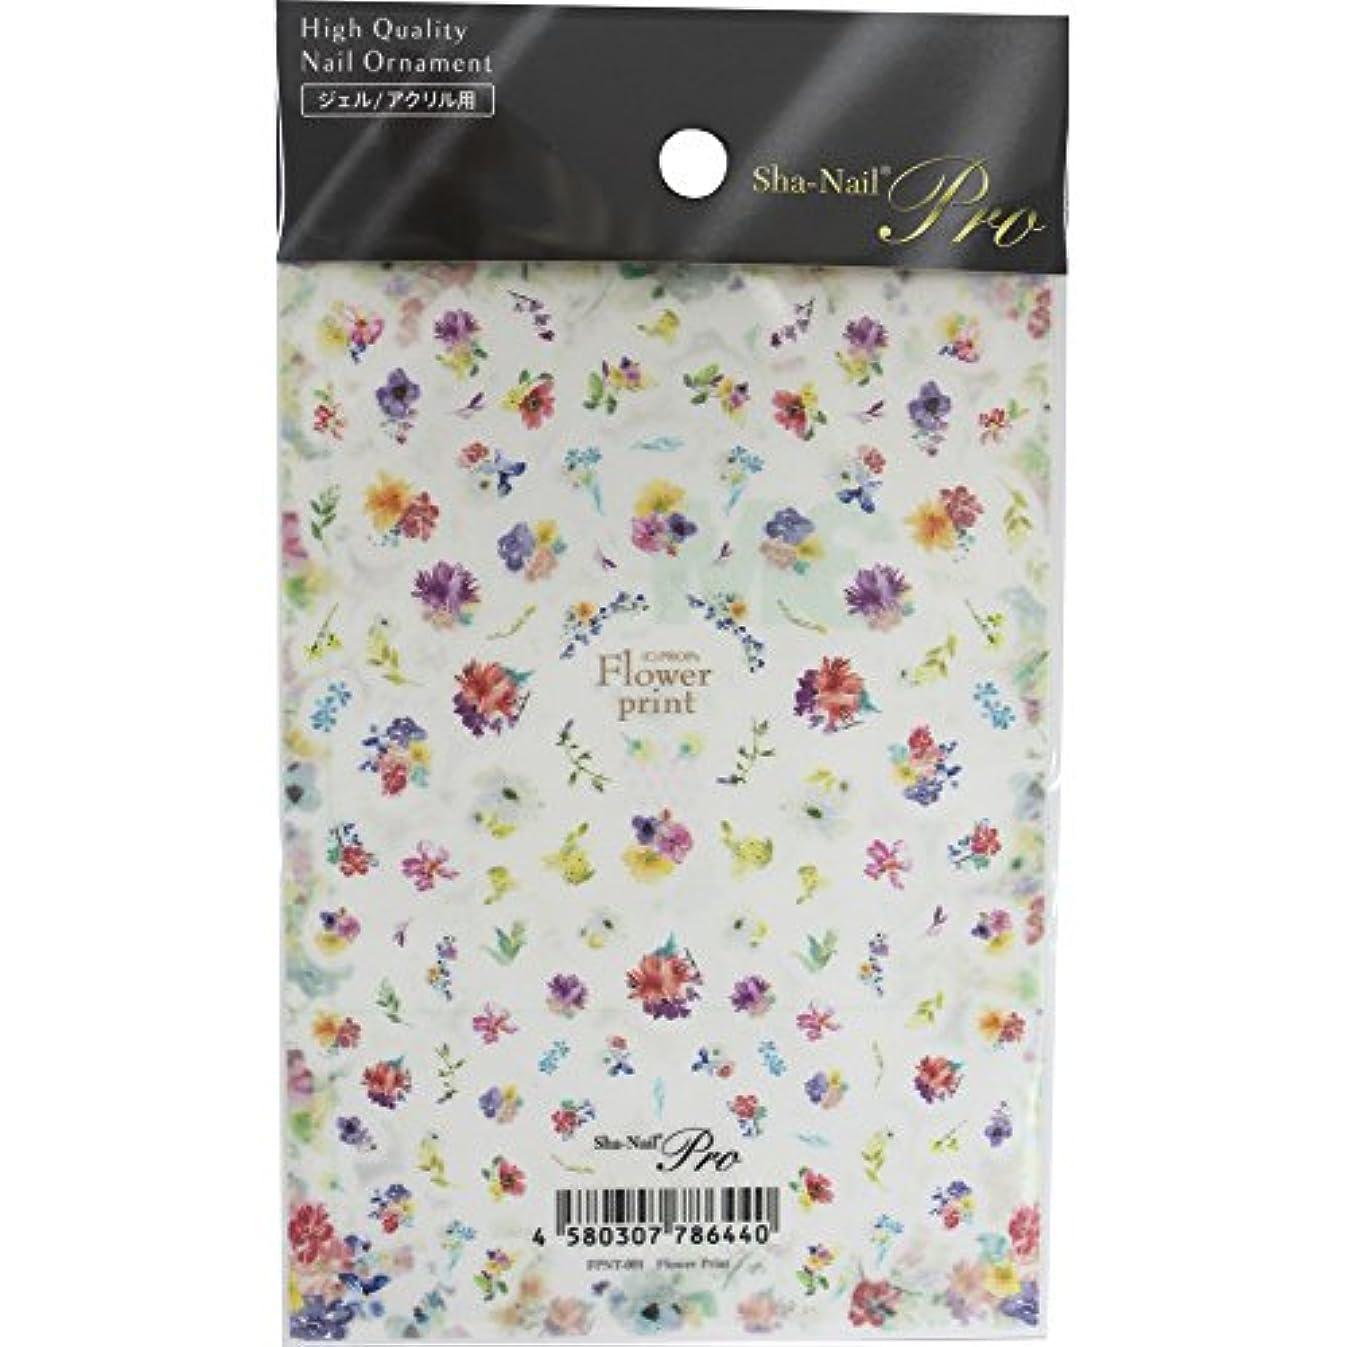 ルビーファランクスカテゴリーSha-Nail Pro ネイルシール Flower Print フラワープリント FPNT-001